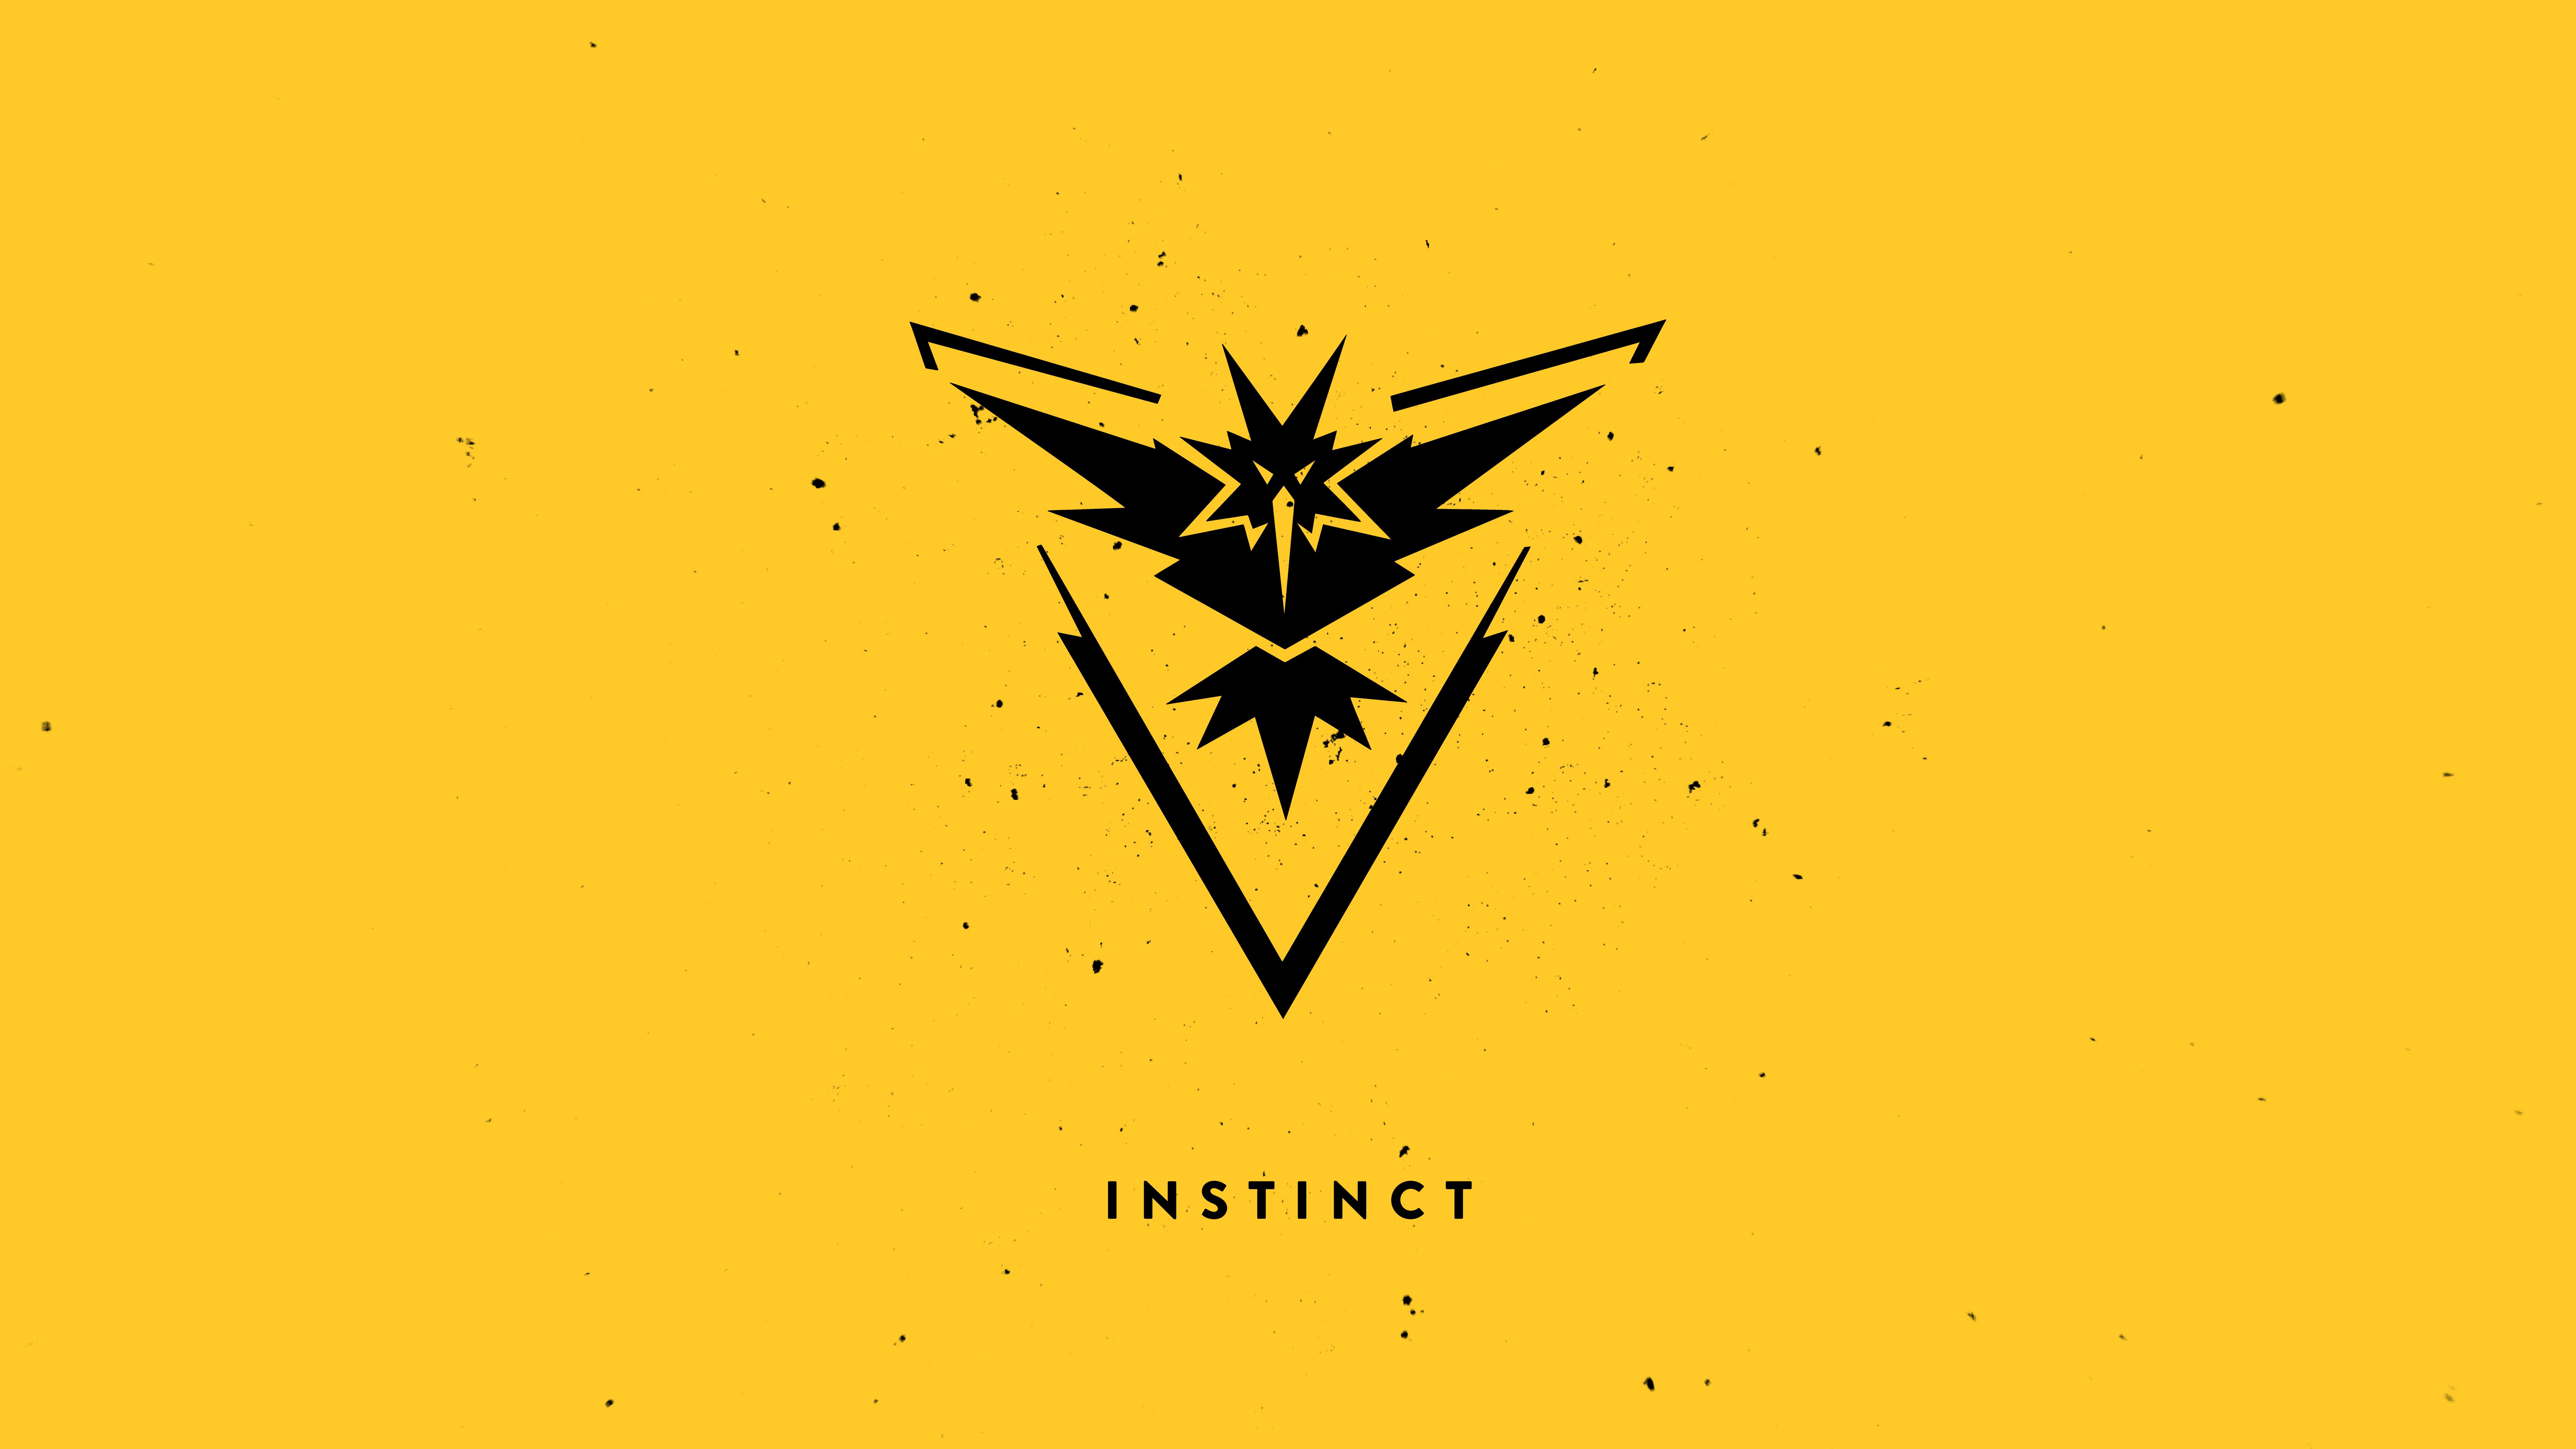 Team Instinct Wallpaper Pokemon Go: Team Instinct 8k, HD Games, 4k Wallpapers, Images